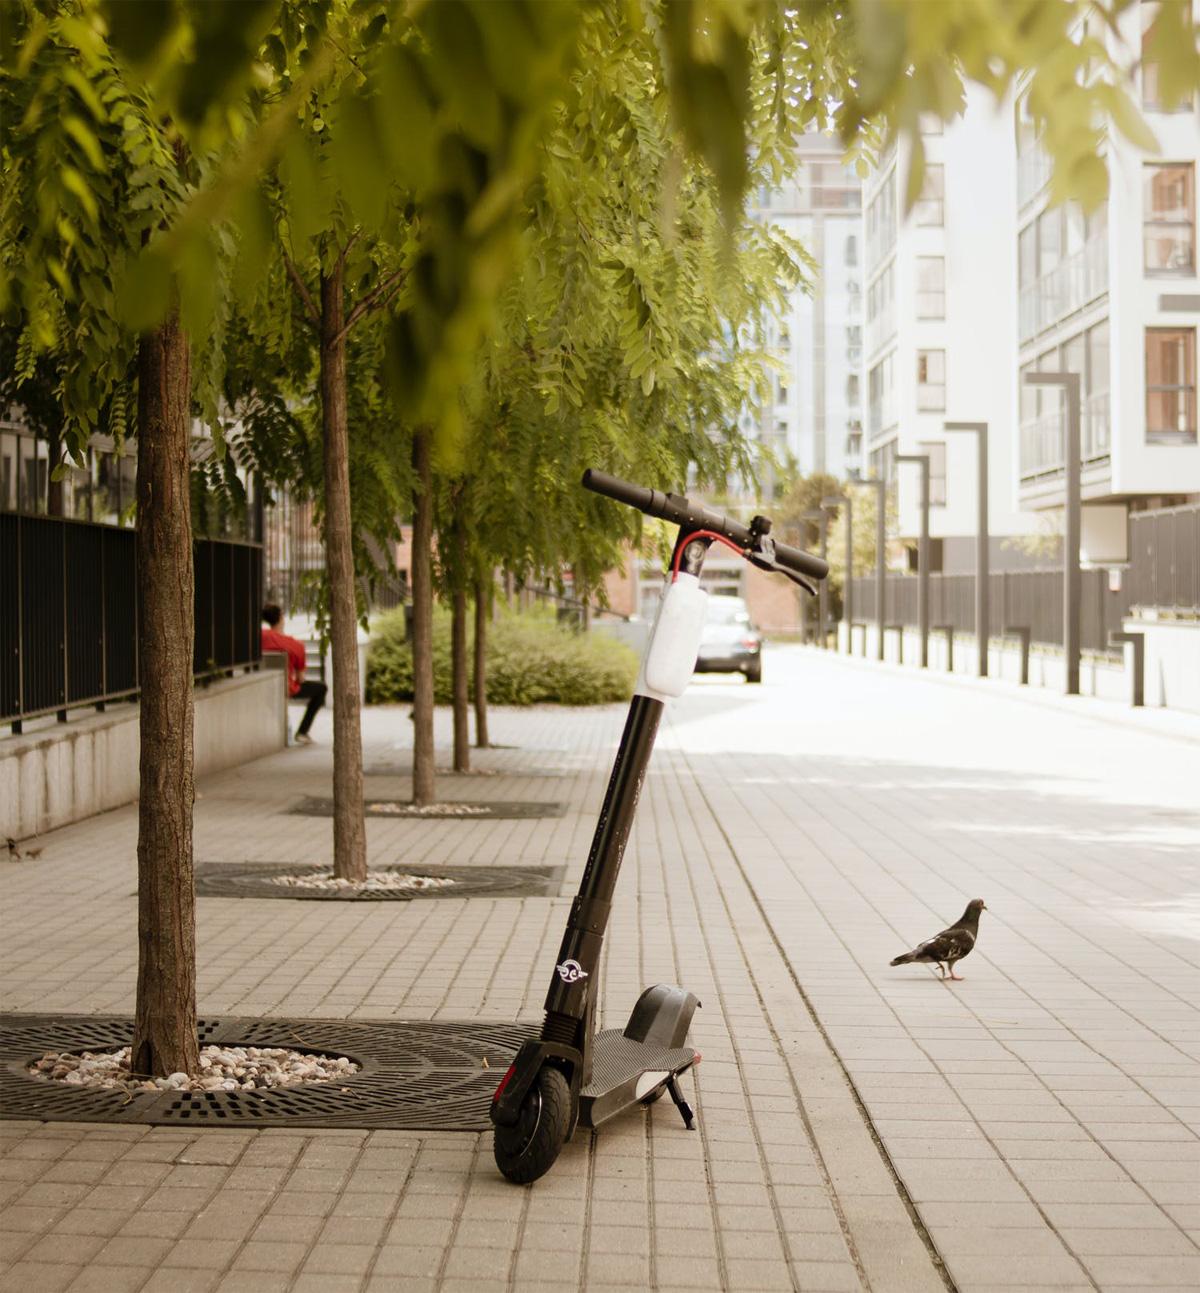 Un monopattino elettrico parcheggiato sul marciapiede